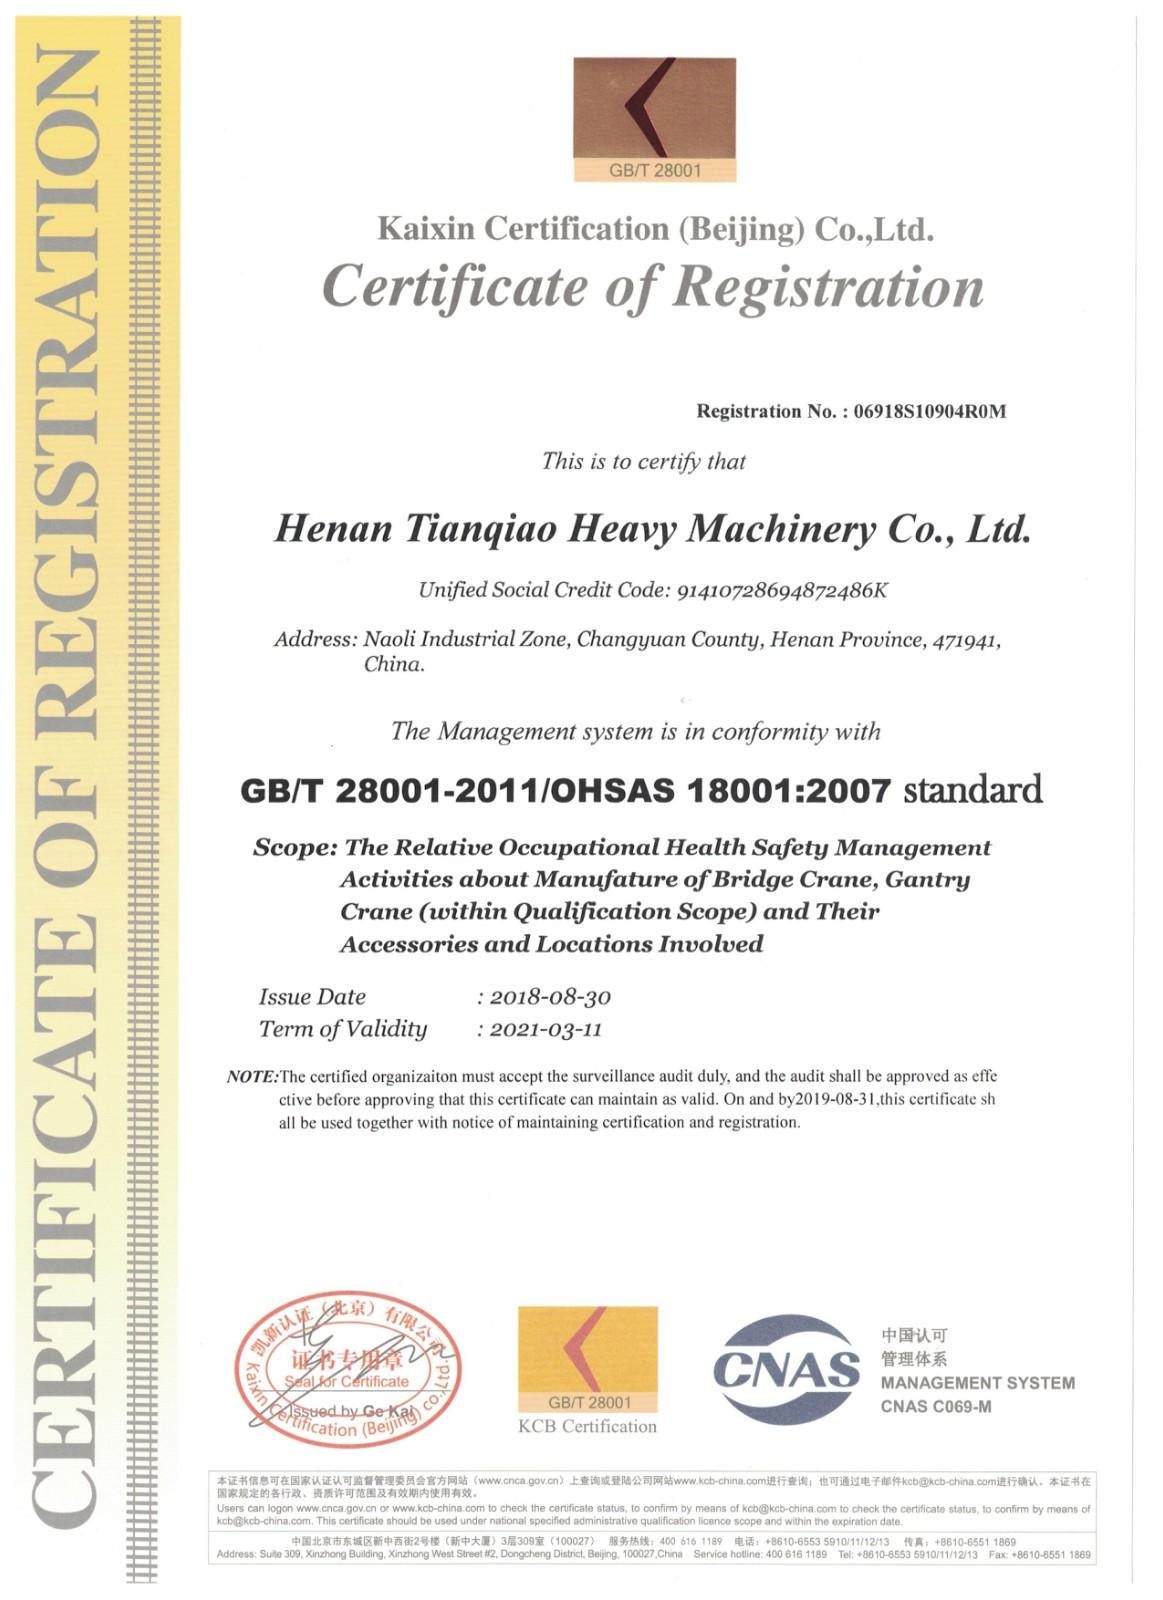 职业健康安全管理体系认证证书英文版